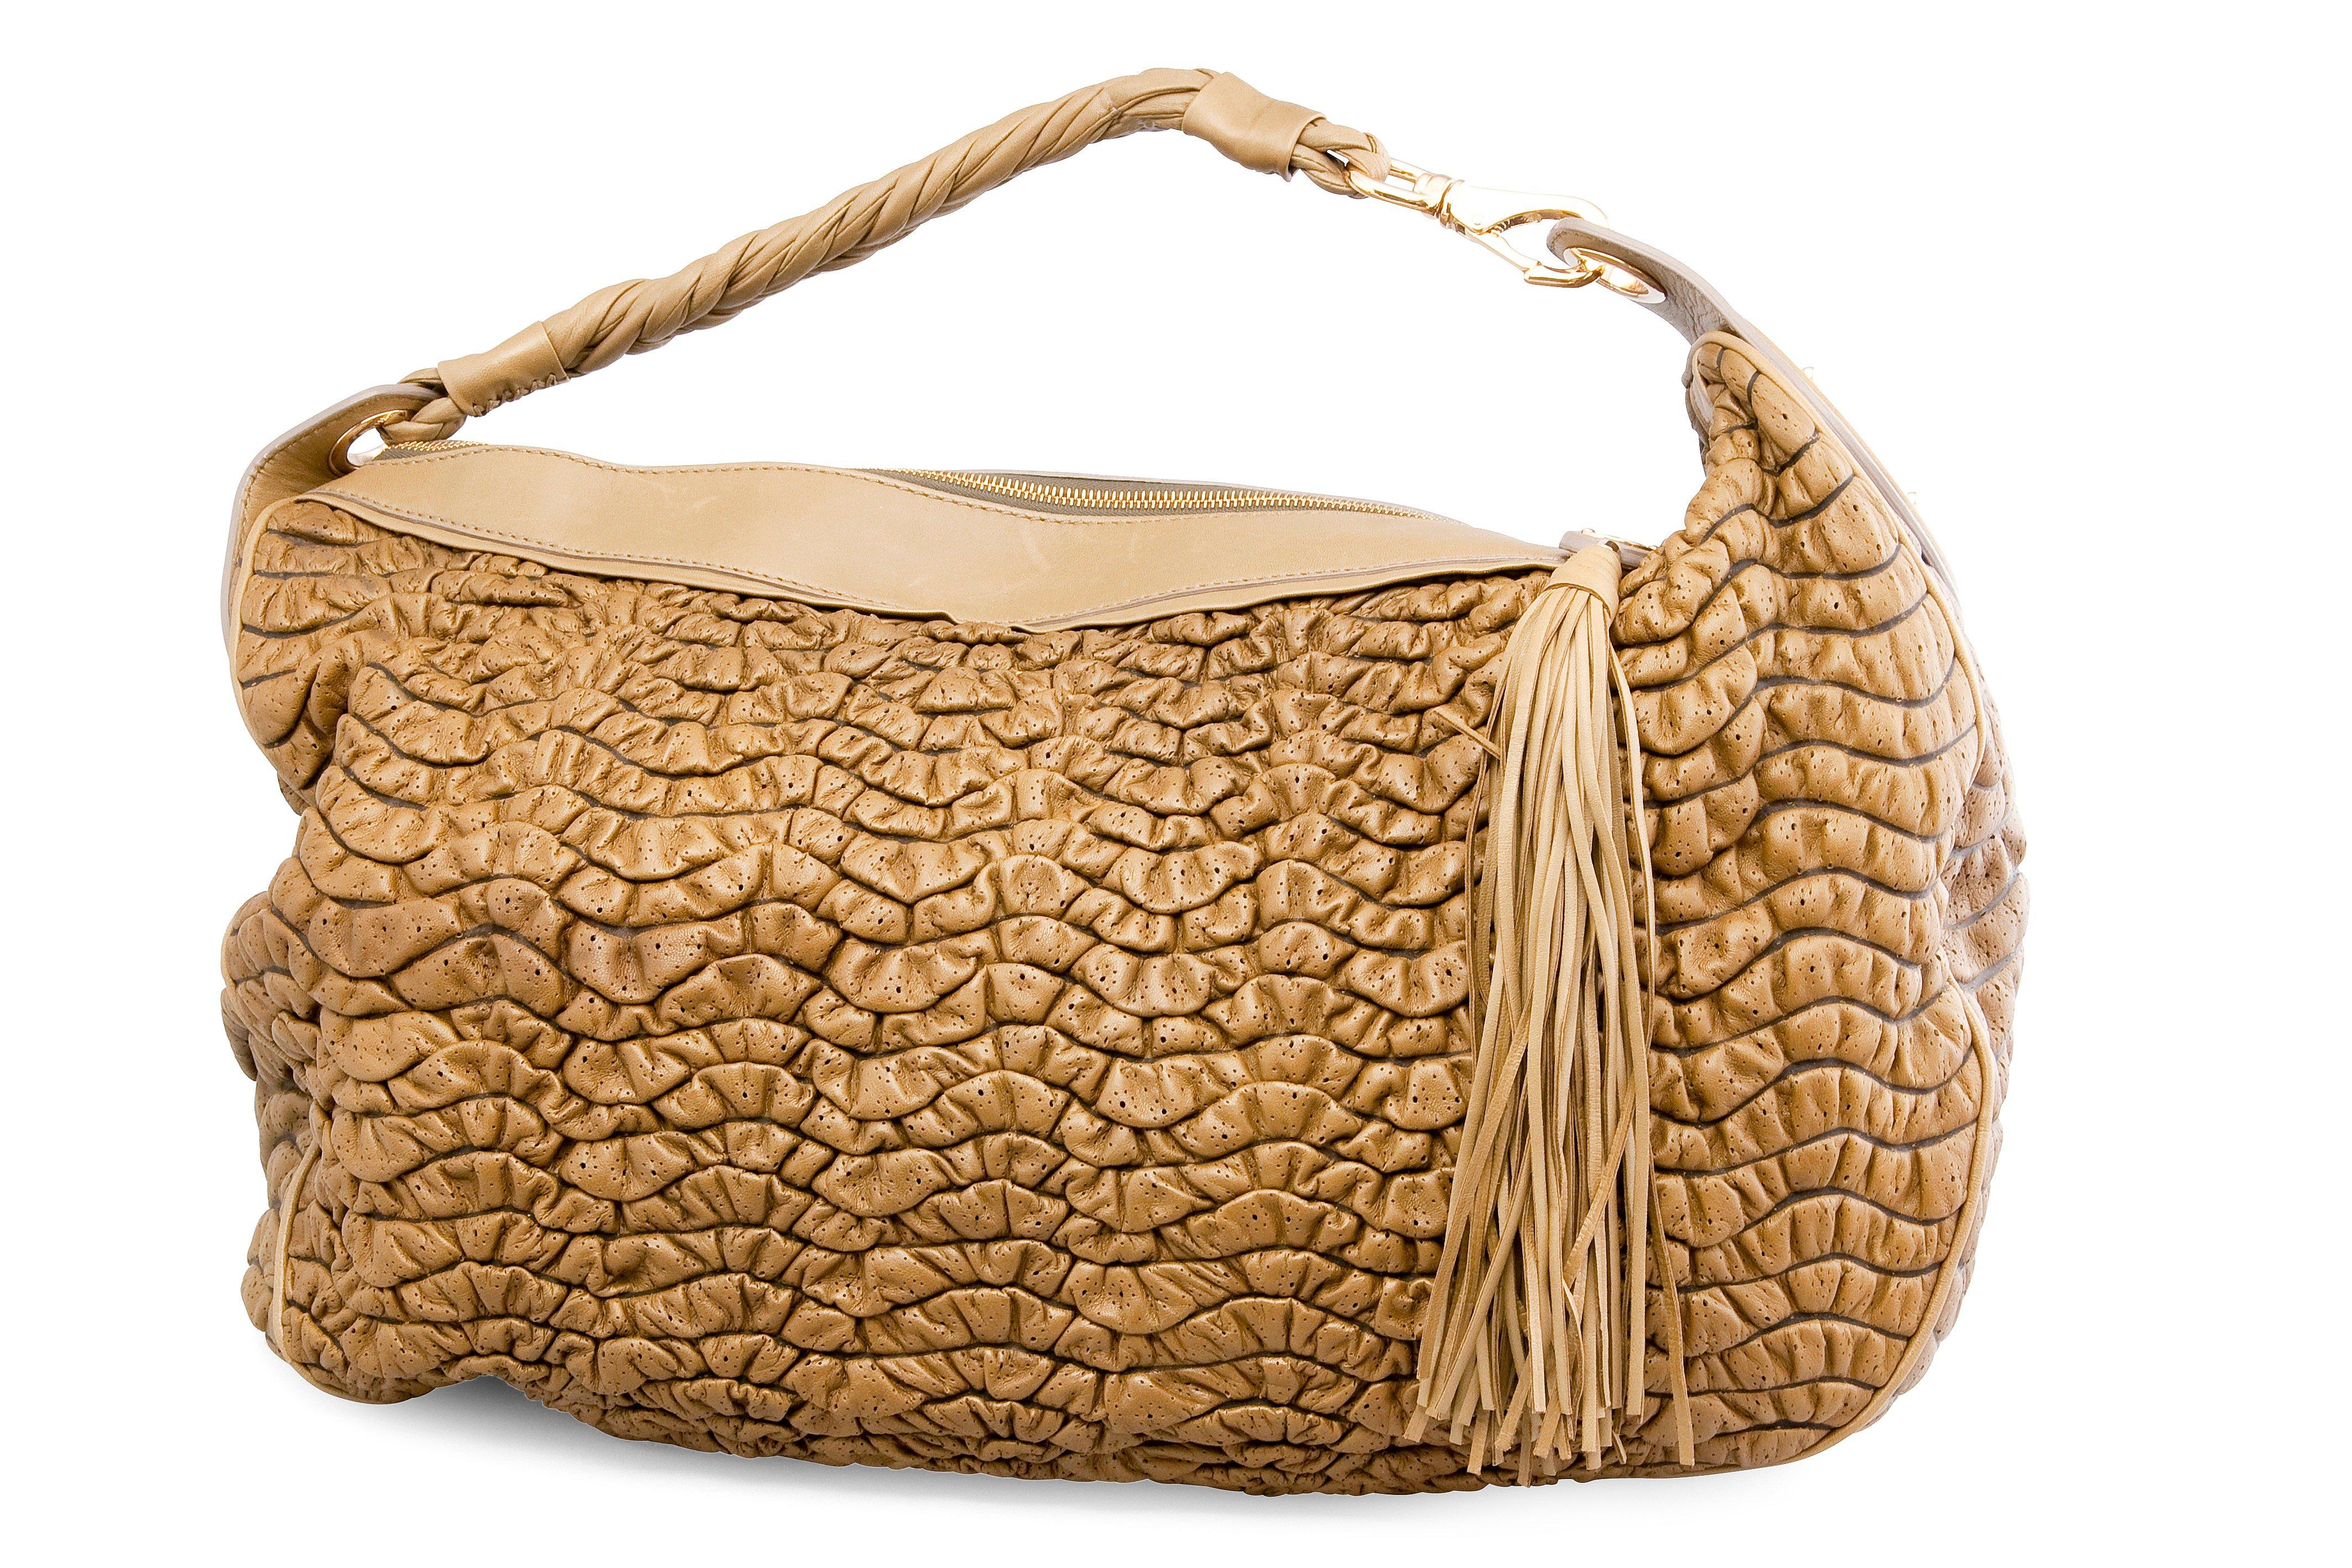 Versace Käsilaukku : K?silaukku versace bukowskis